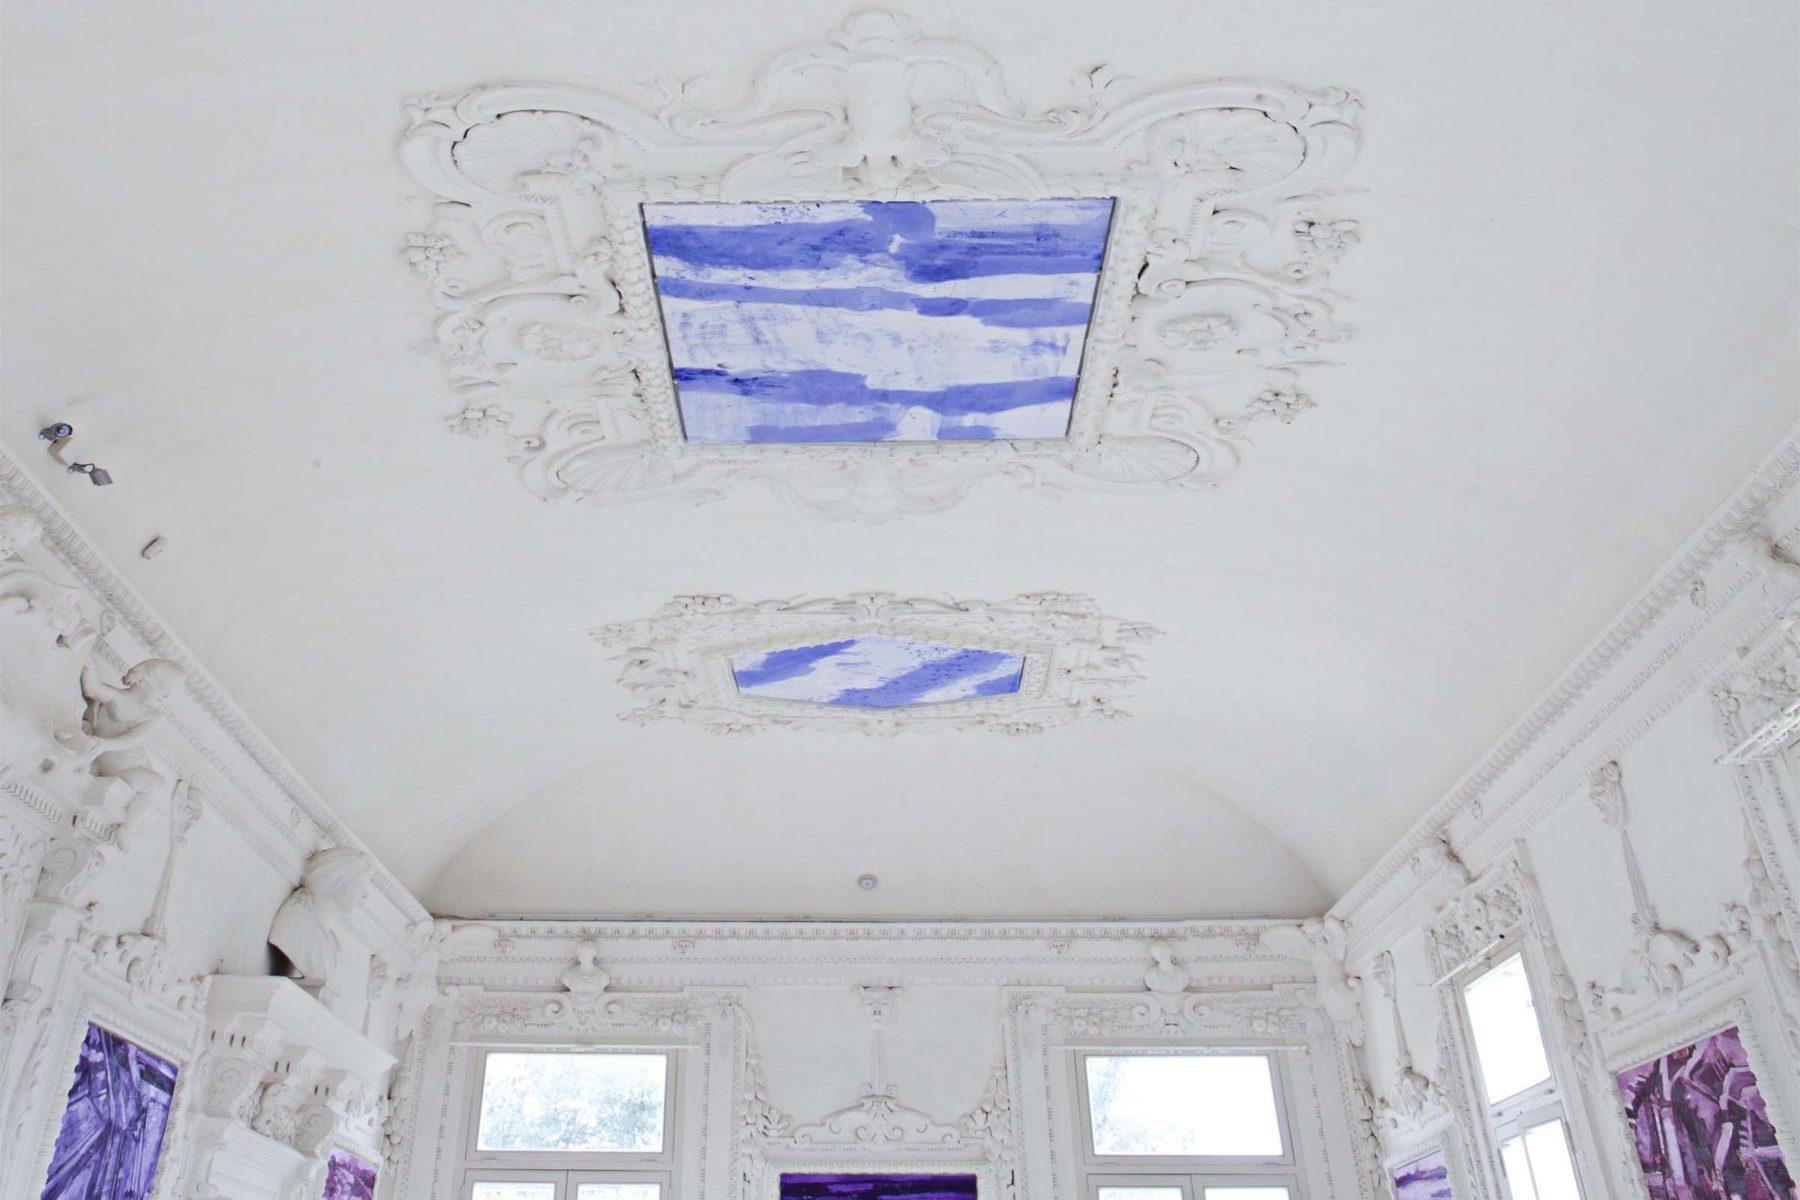 G.Frangi, Mappe, 2012, tecnica mista su tela, presso Villa Morosini, ph.a.frangi 08